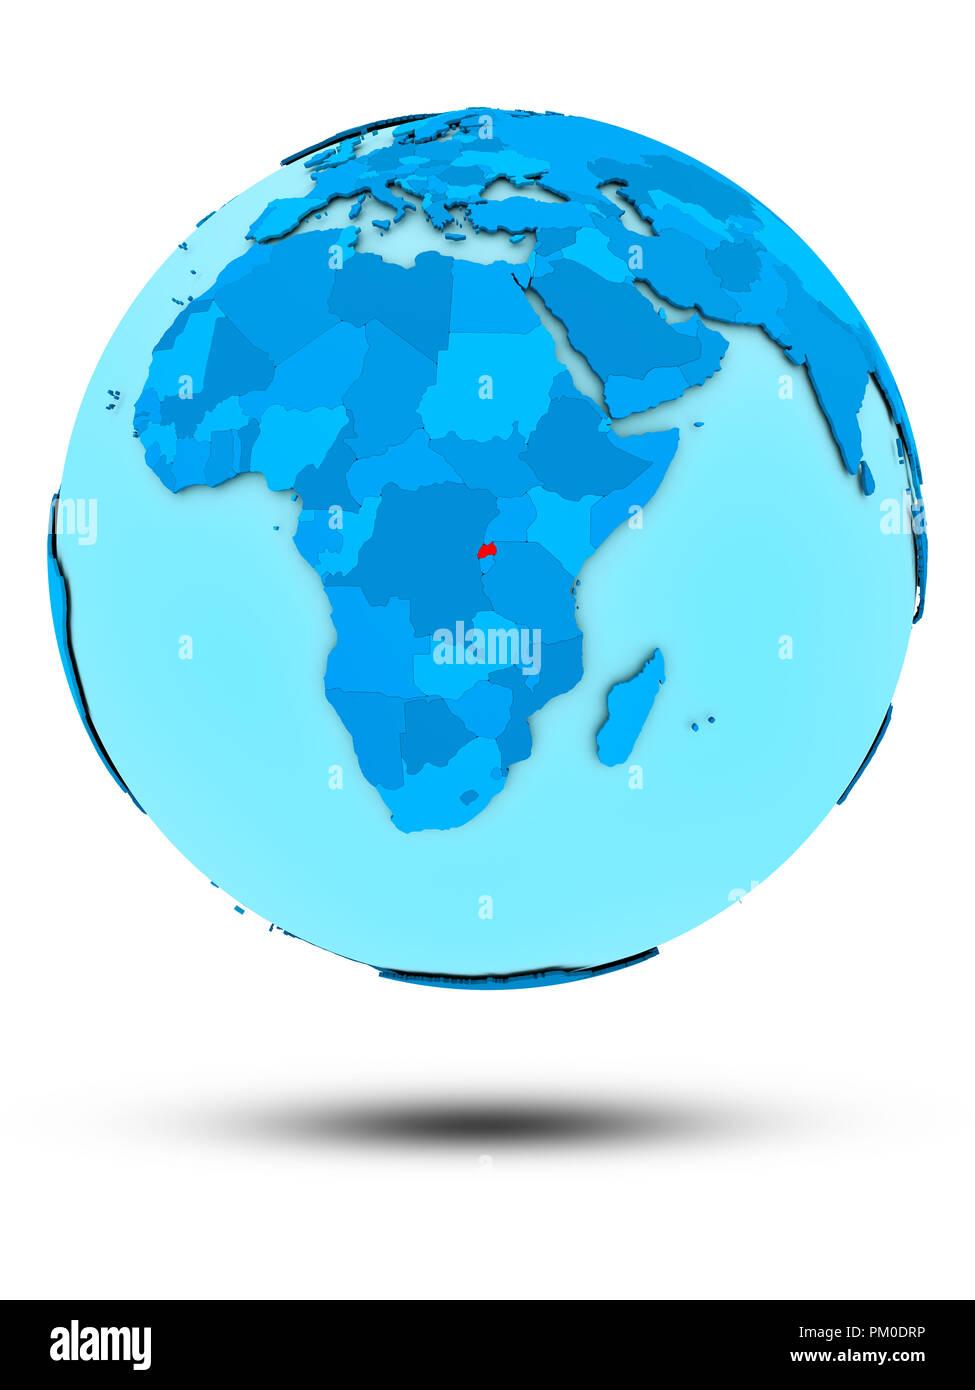 Rwanda on blue globe isolated on white background. 3D illustration. - Stock Image